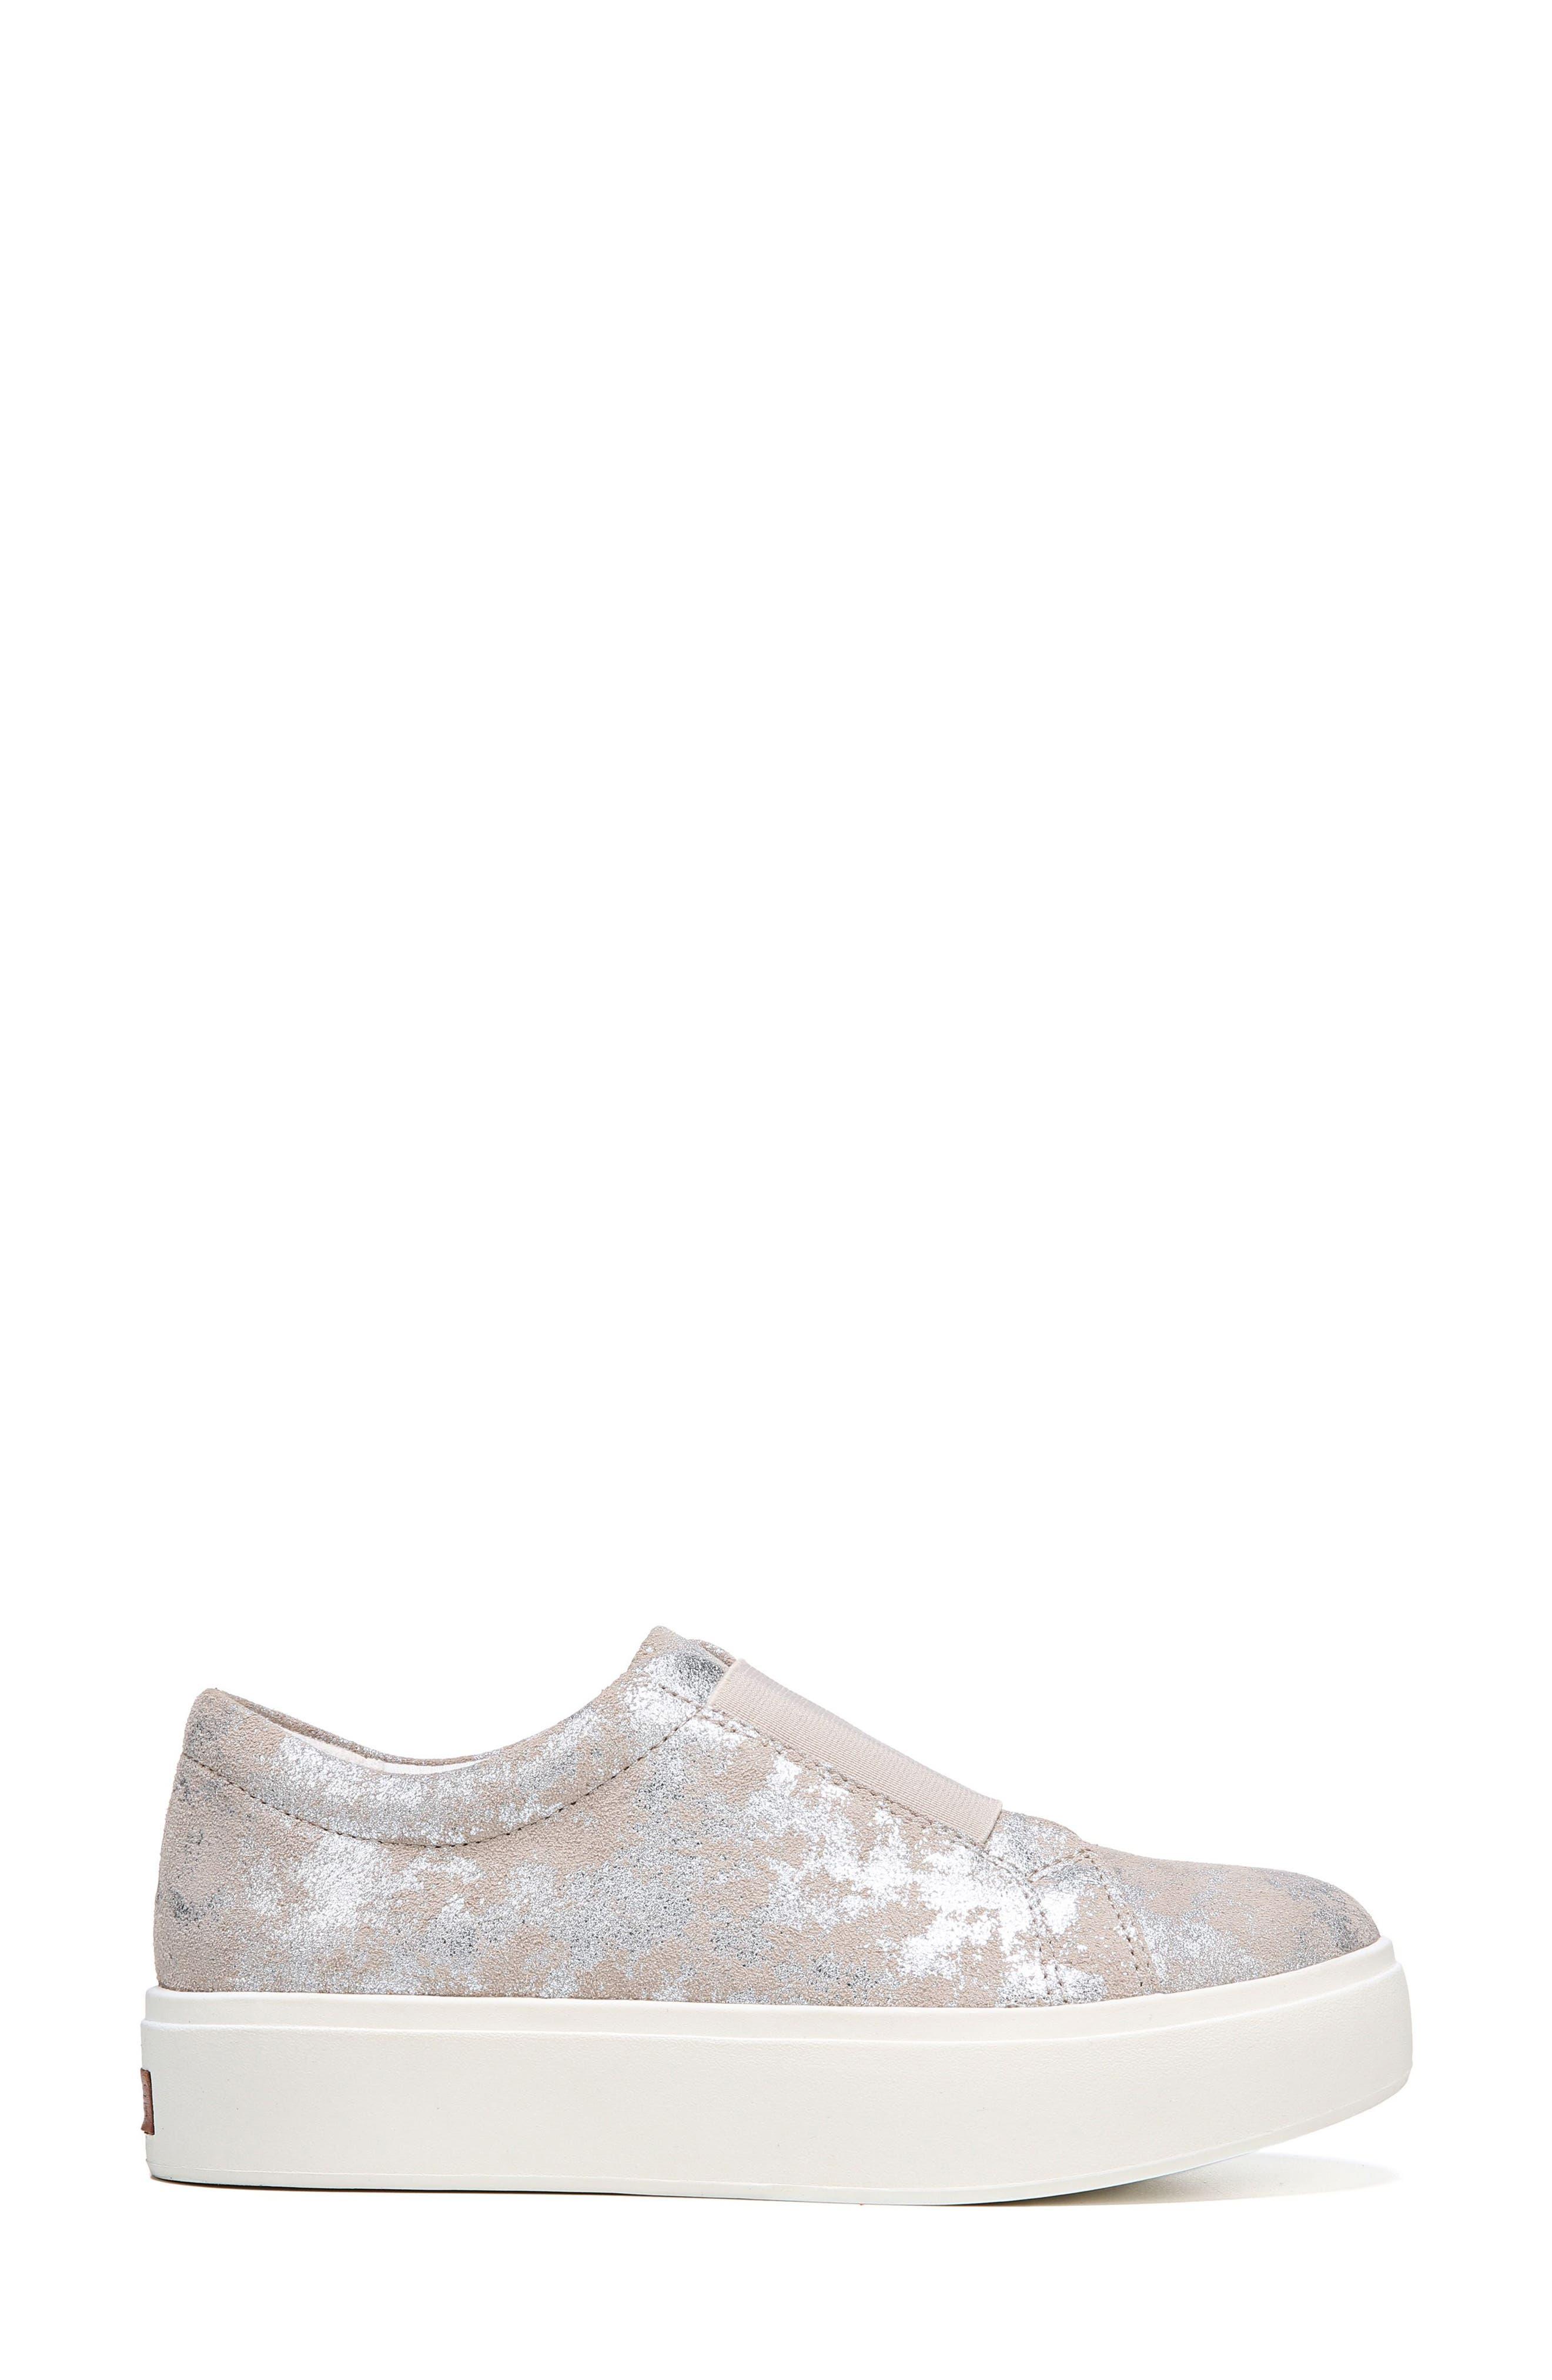 Abbot Slip-On Sneaker,                             Alternate thumbnail 3, color,